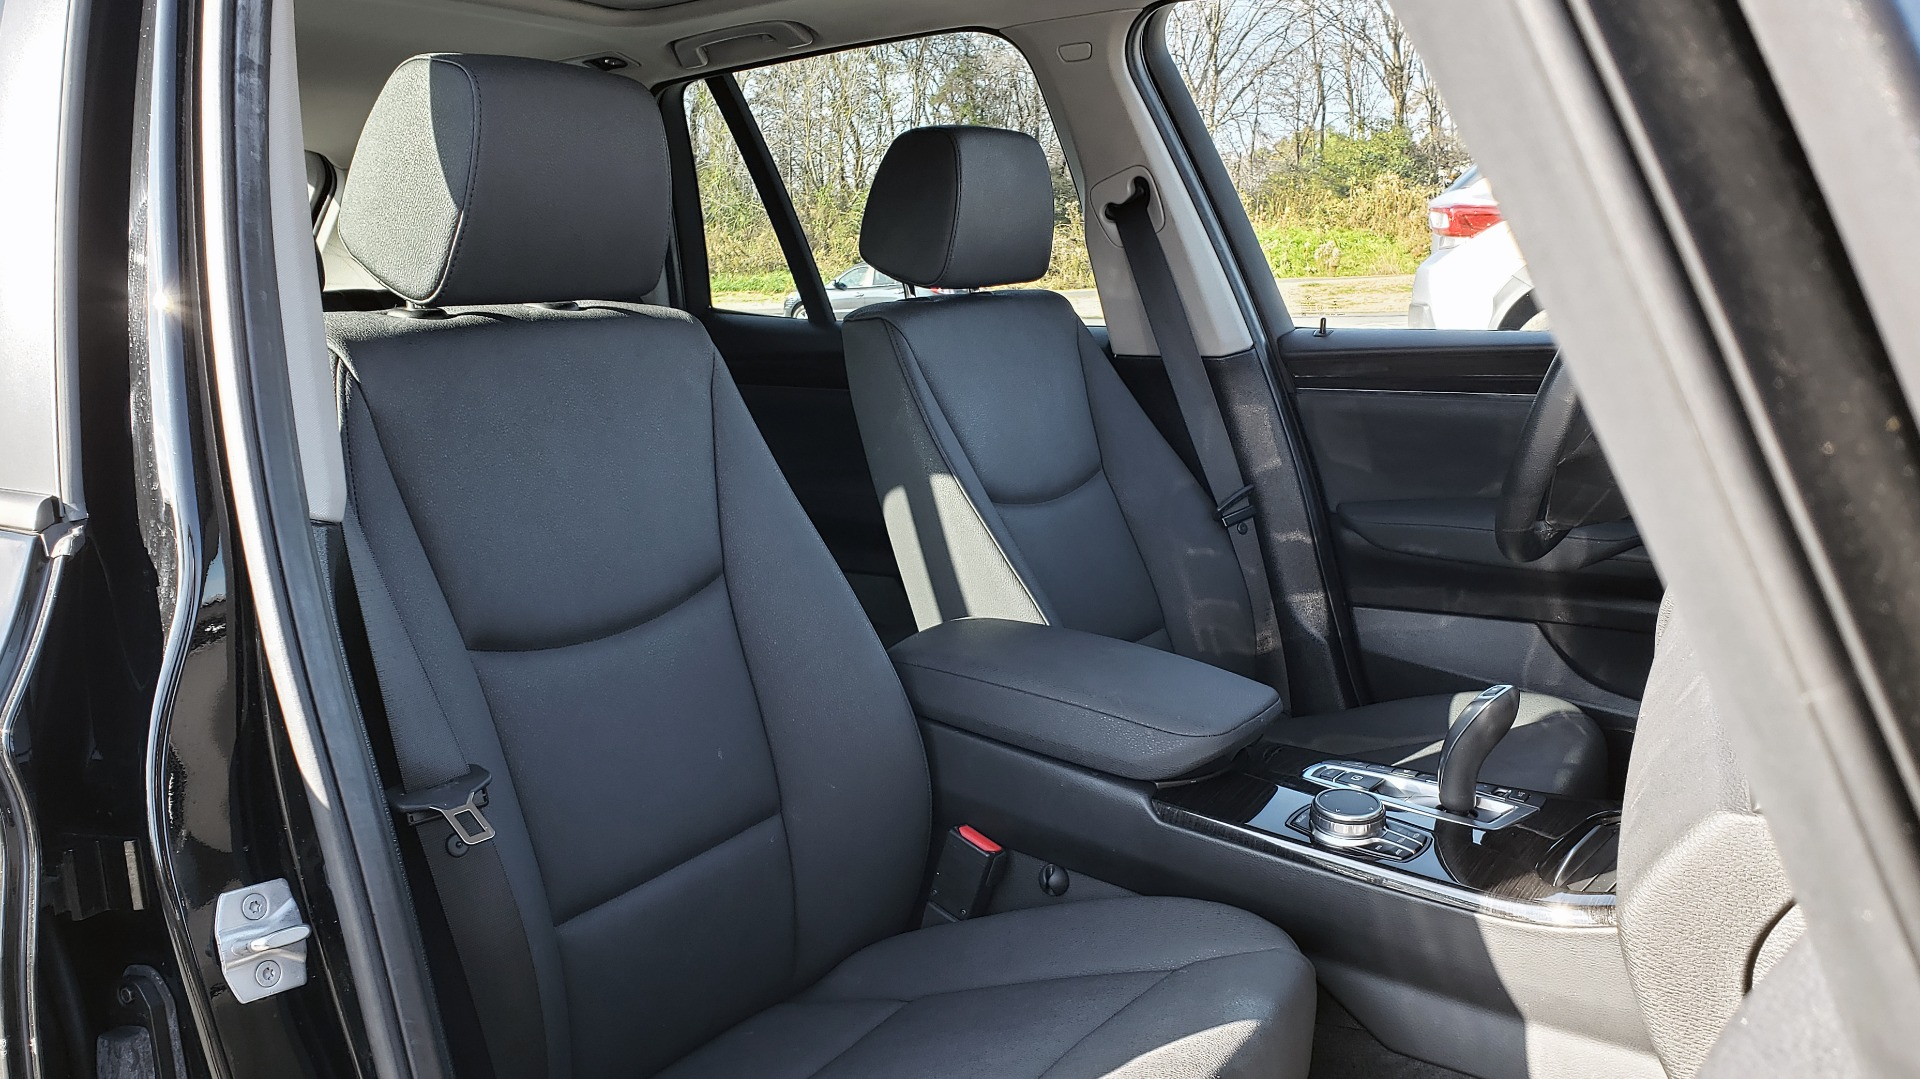 Used 2017 BMW X3 XDRIVE28I / PREM PKG / NAV / DRVR ASST / HTD STS / CAMERAS for sale Sold at Formula Imports in Charlotte NC 28227 78